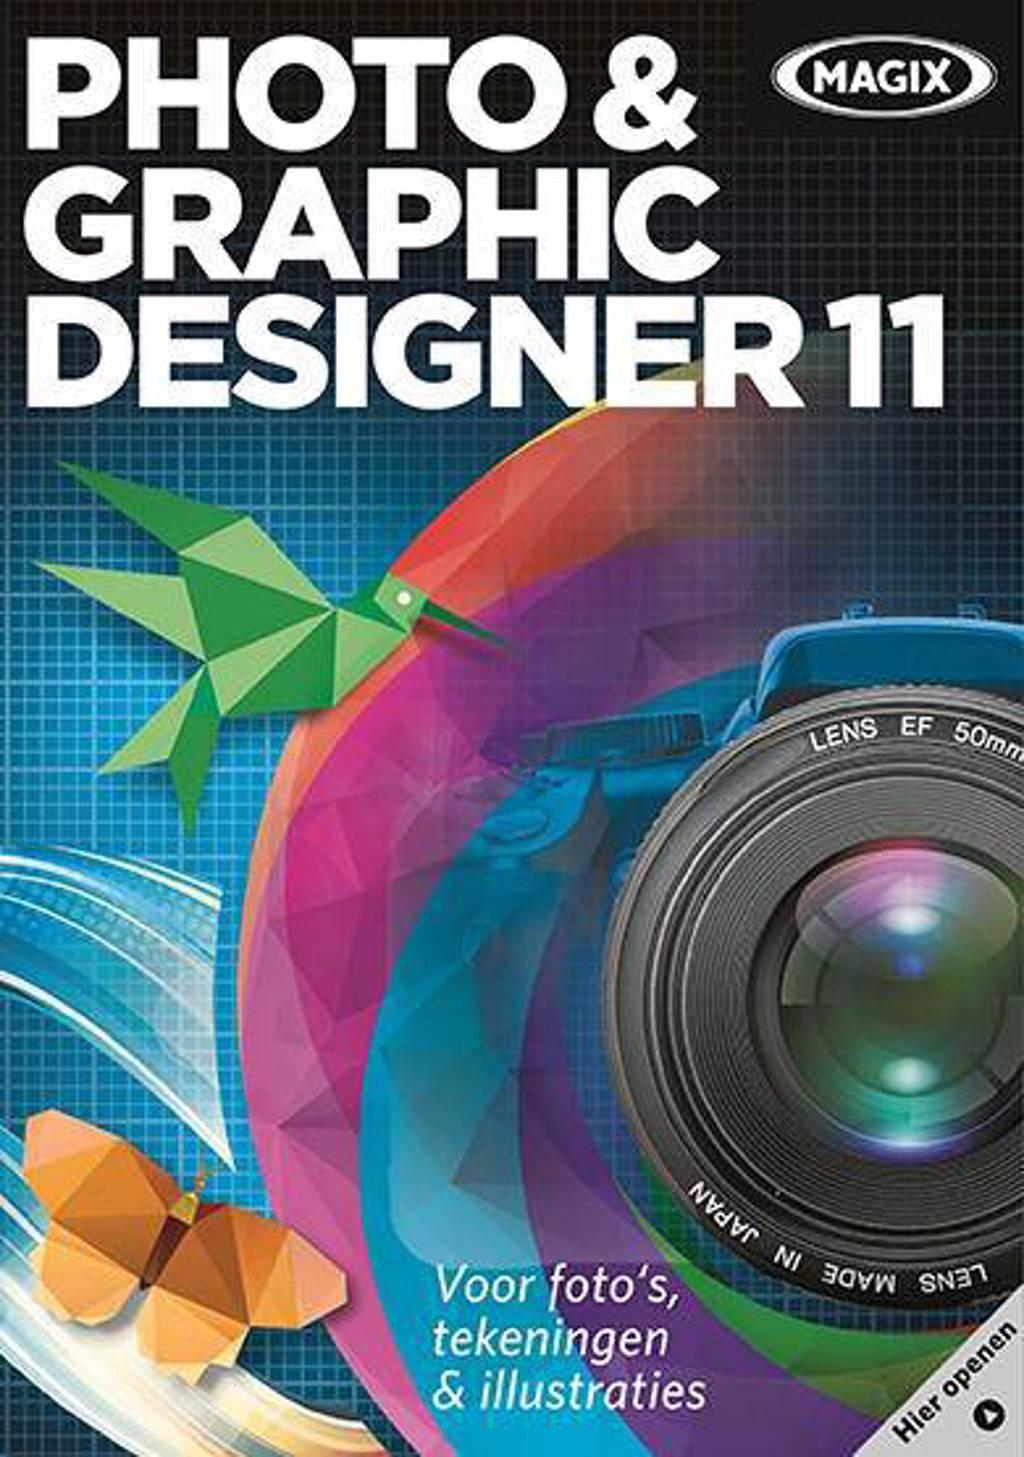 Magix photo & graphic designer 11 (PC)